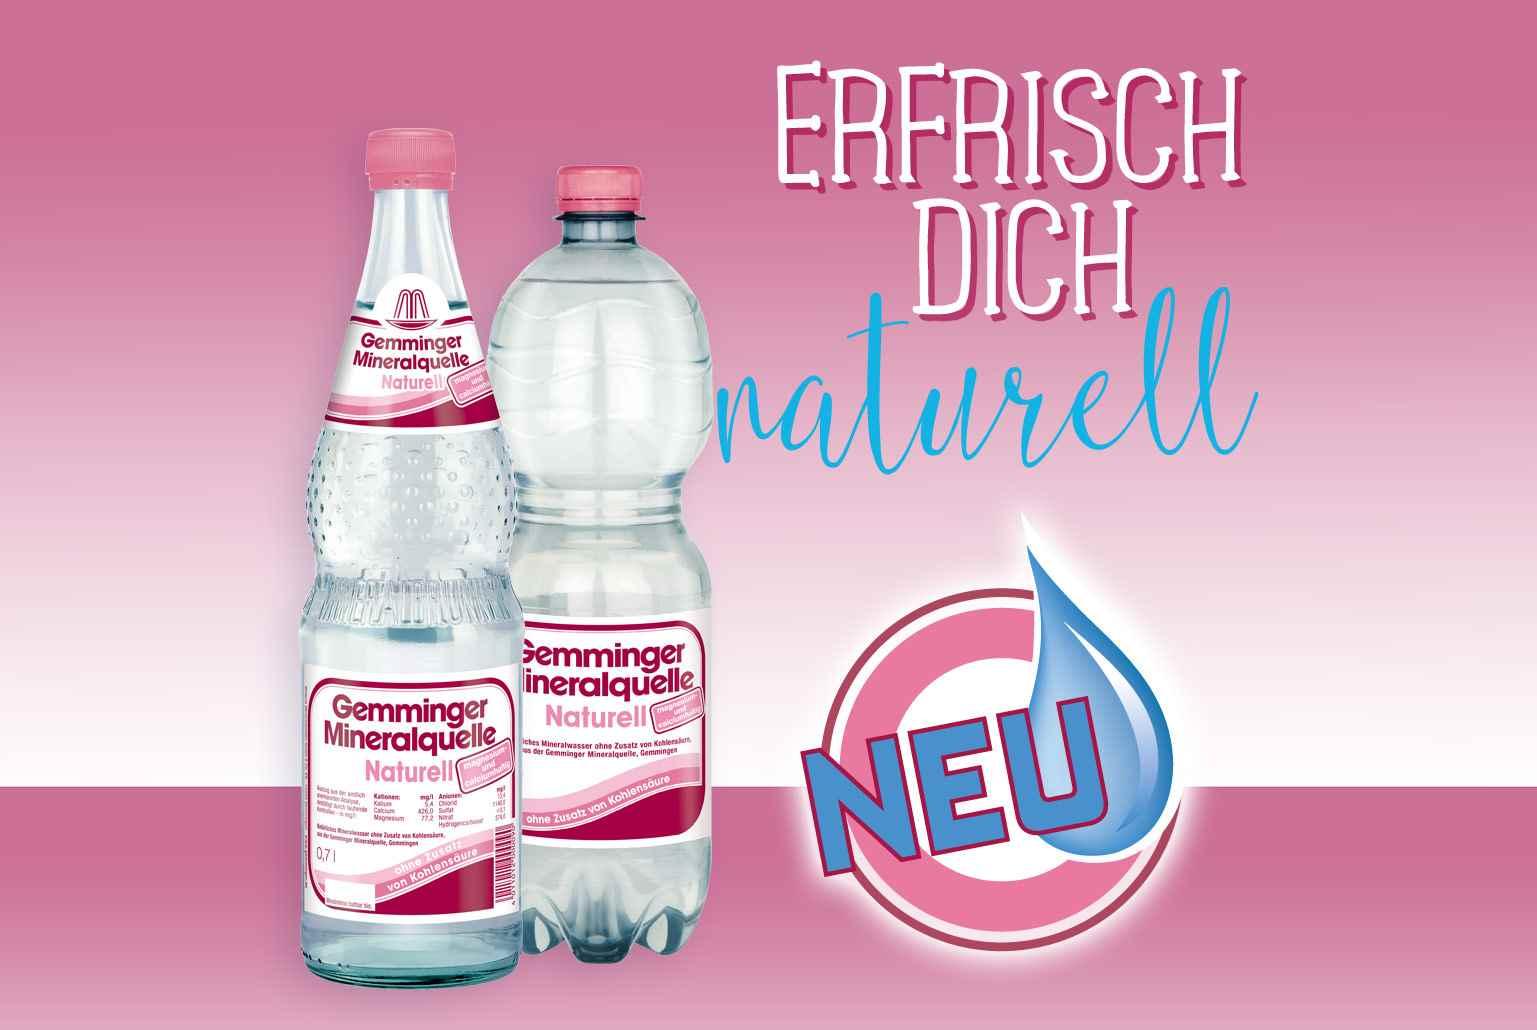 Wüteria Mineralwasser erfrisch dich naturell